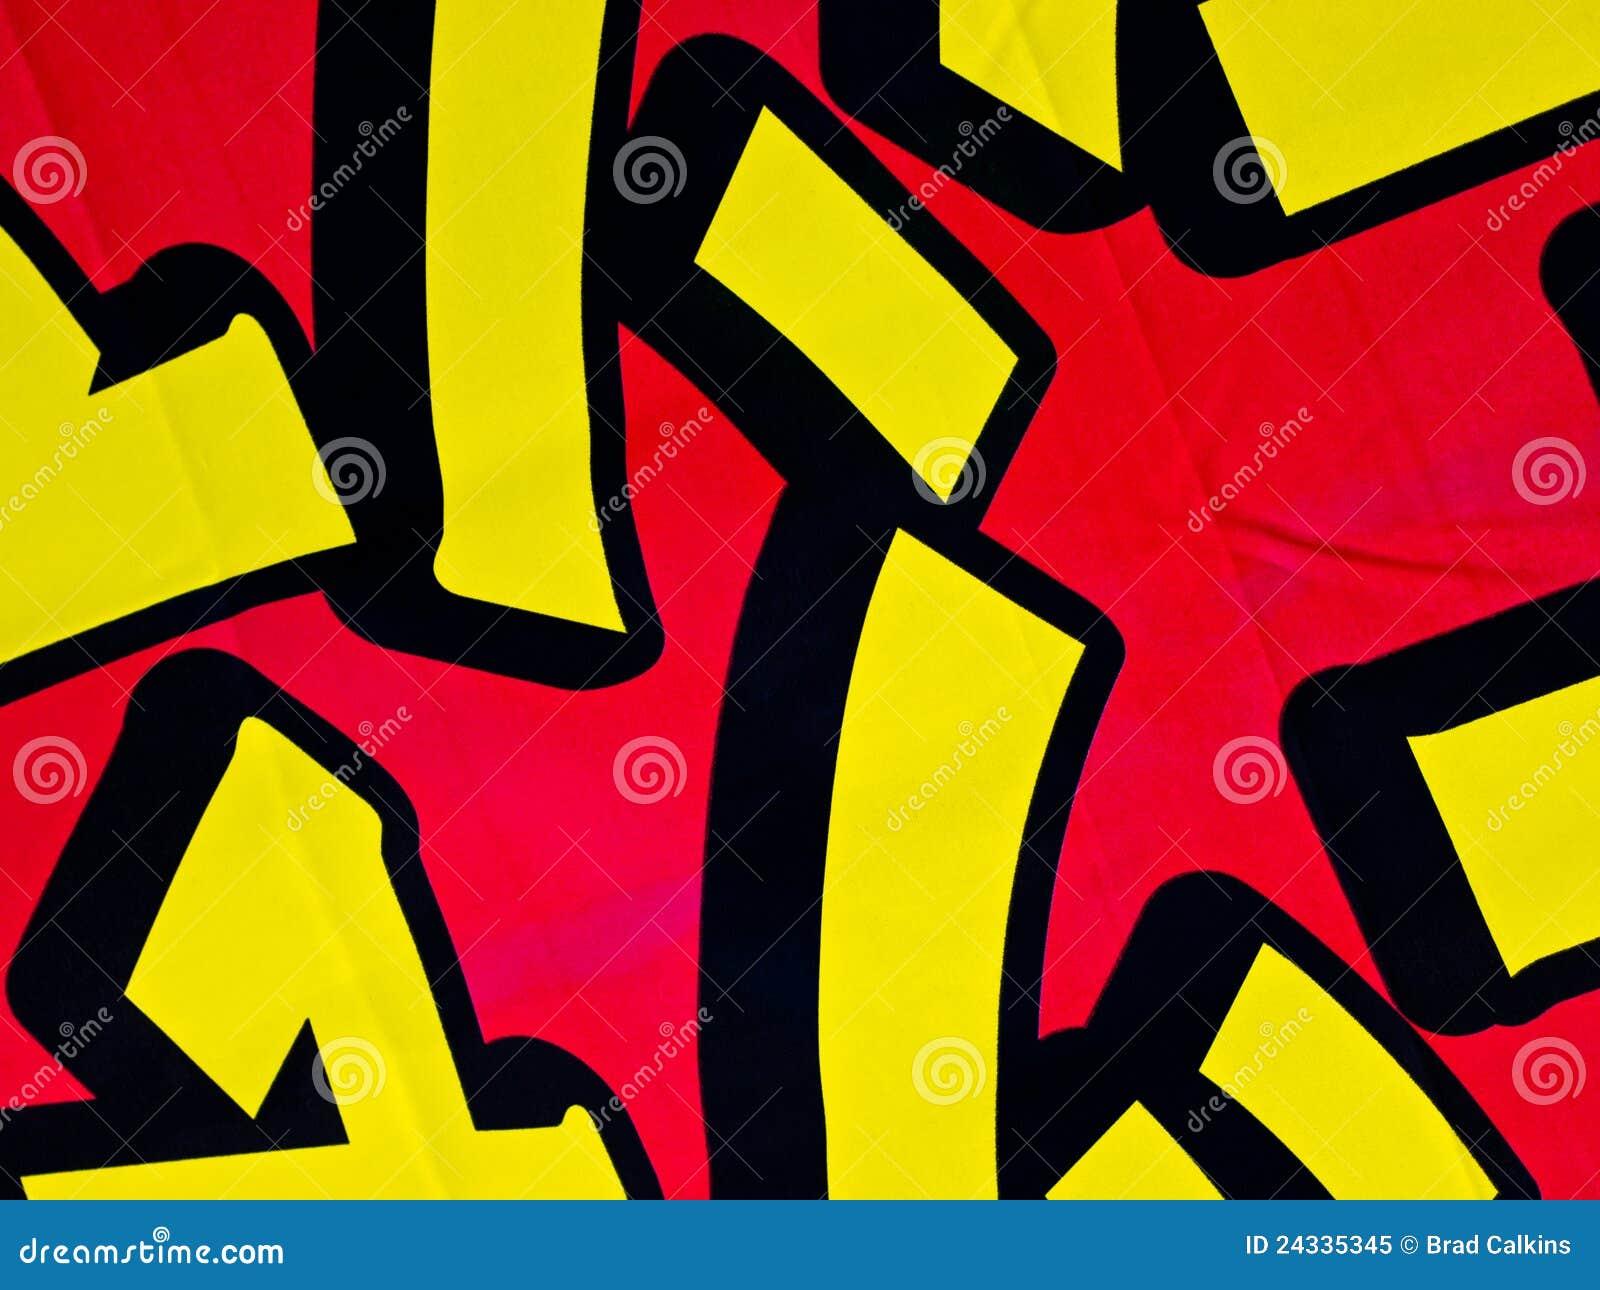 Japanese Kanji background stock image. Image of bright - 24335345